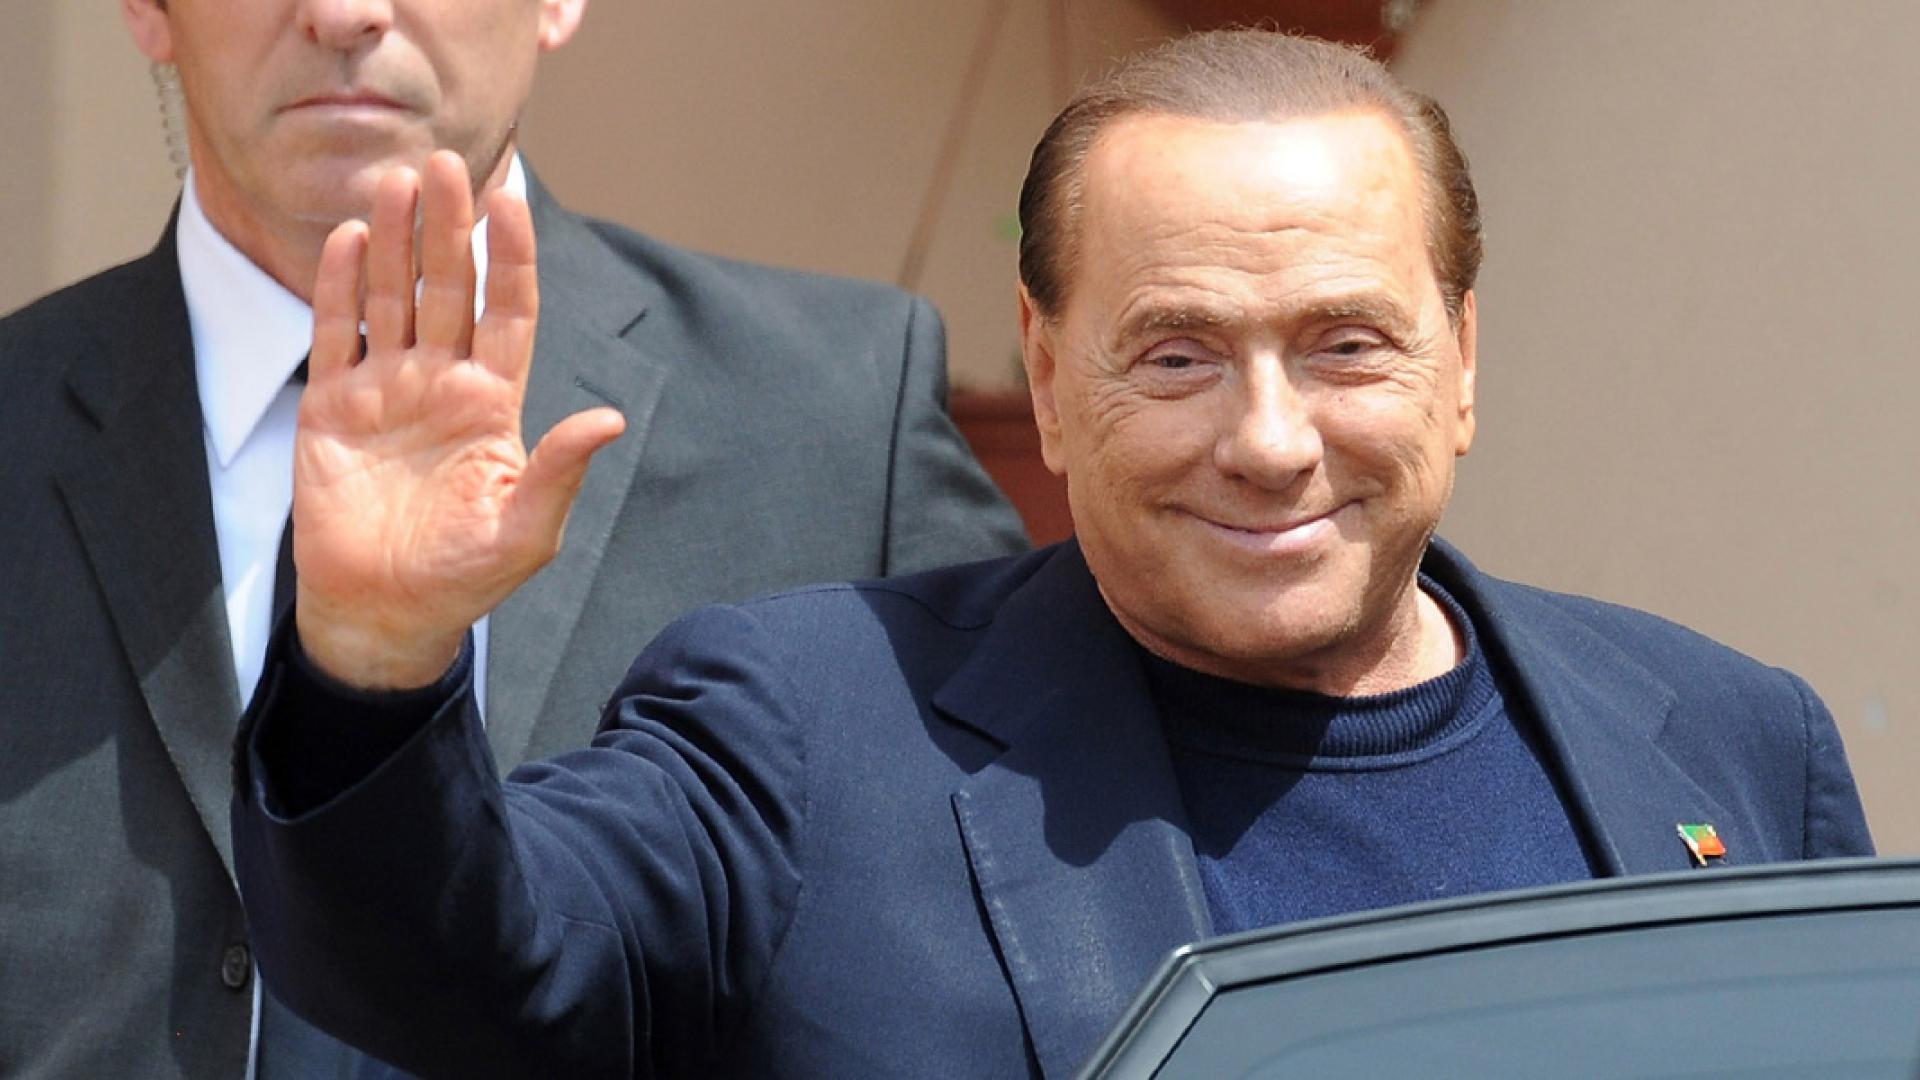 رئيس الوزراء الإيطالي السابق سيلفيو بيرلسكوني